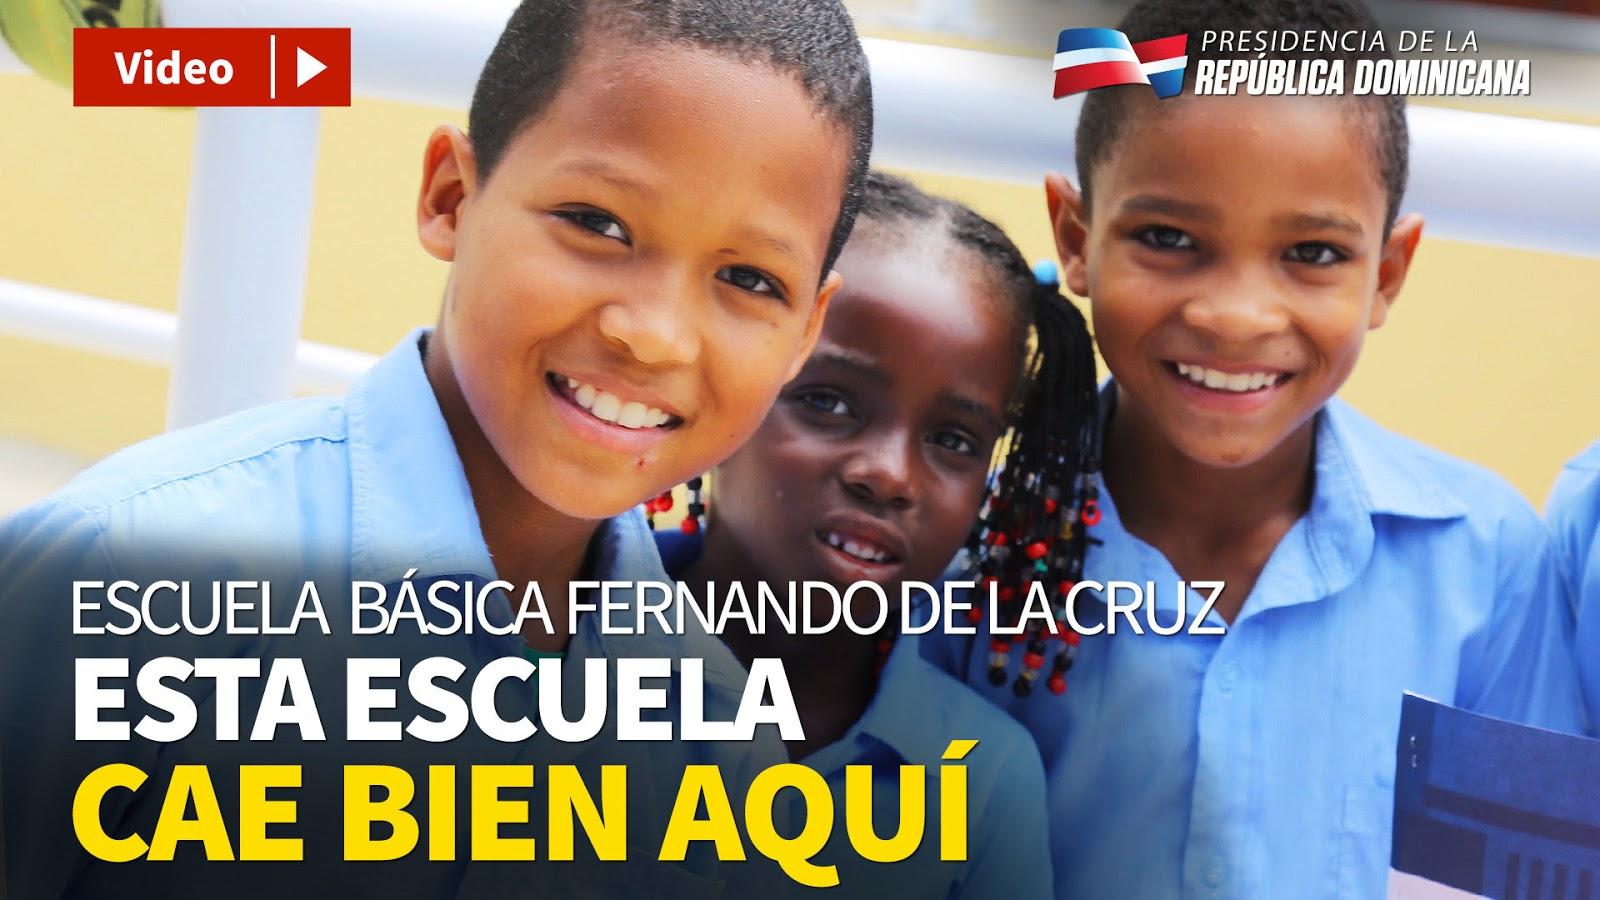 VIDEO: Los estudiantes de la Escuela Fernando de la Cruz ya tienen su propio plantel. Danilo entrega un moderno centro educativo en Sierra Prieta